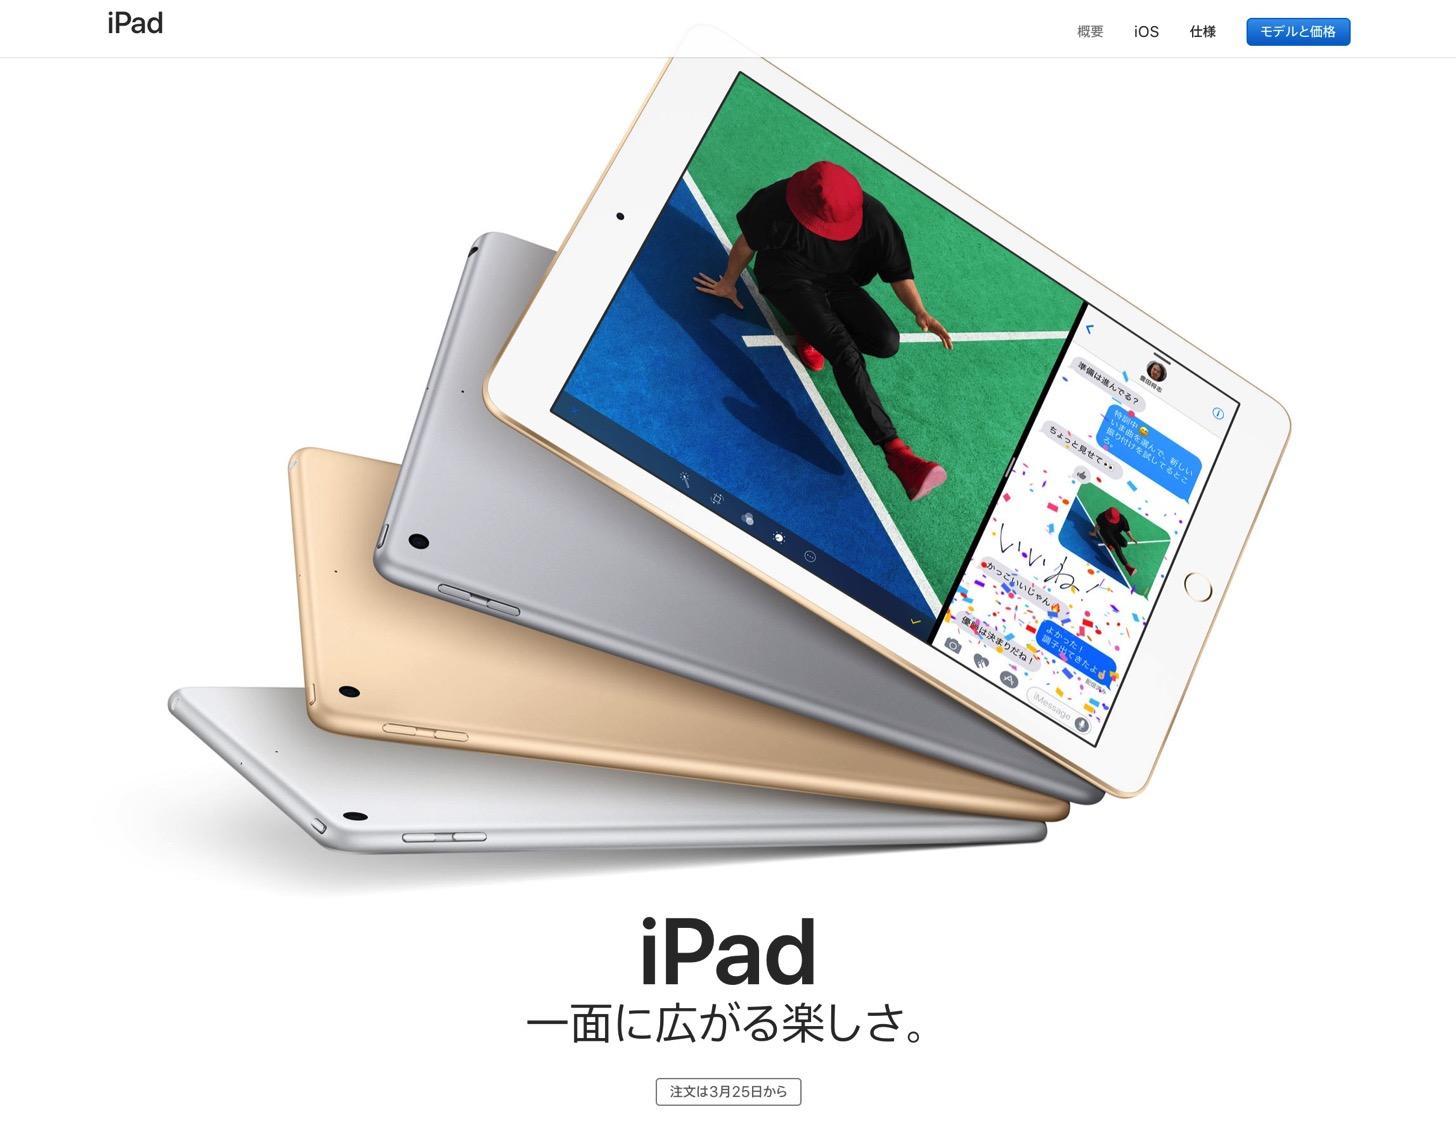 新しいiPad 9.7インチ